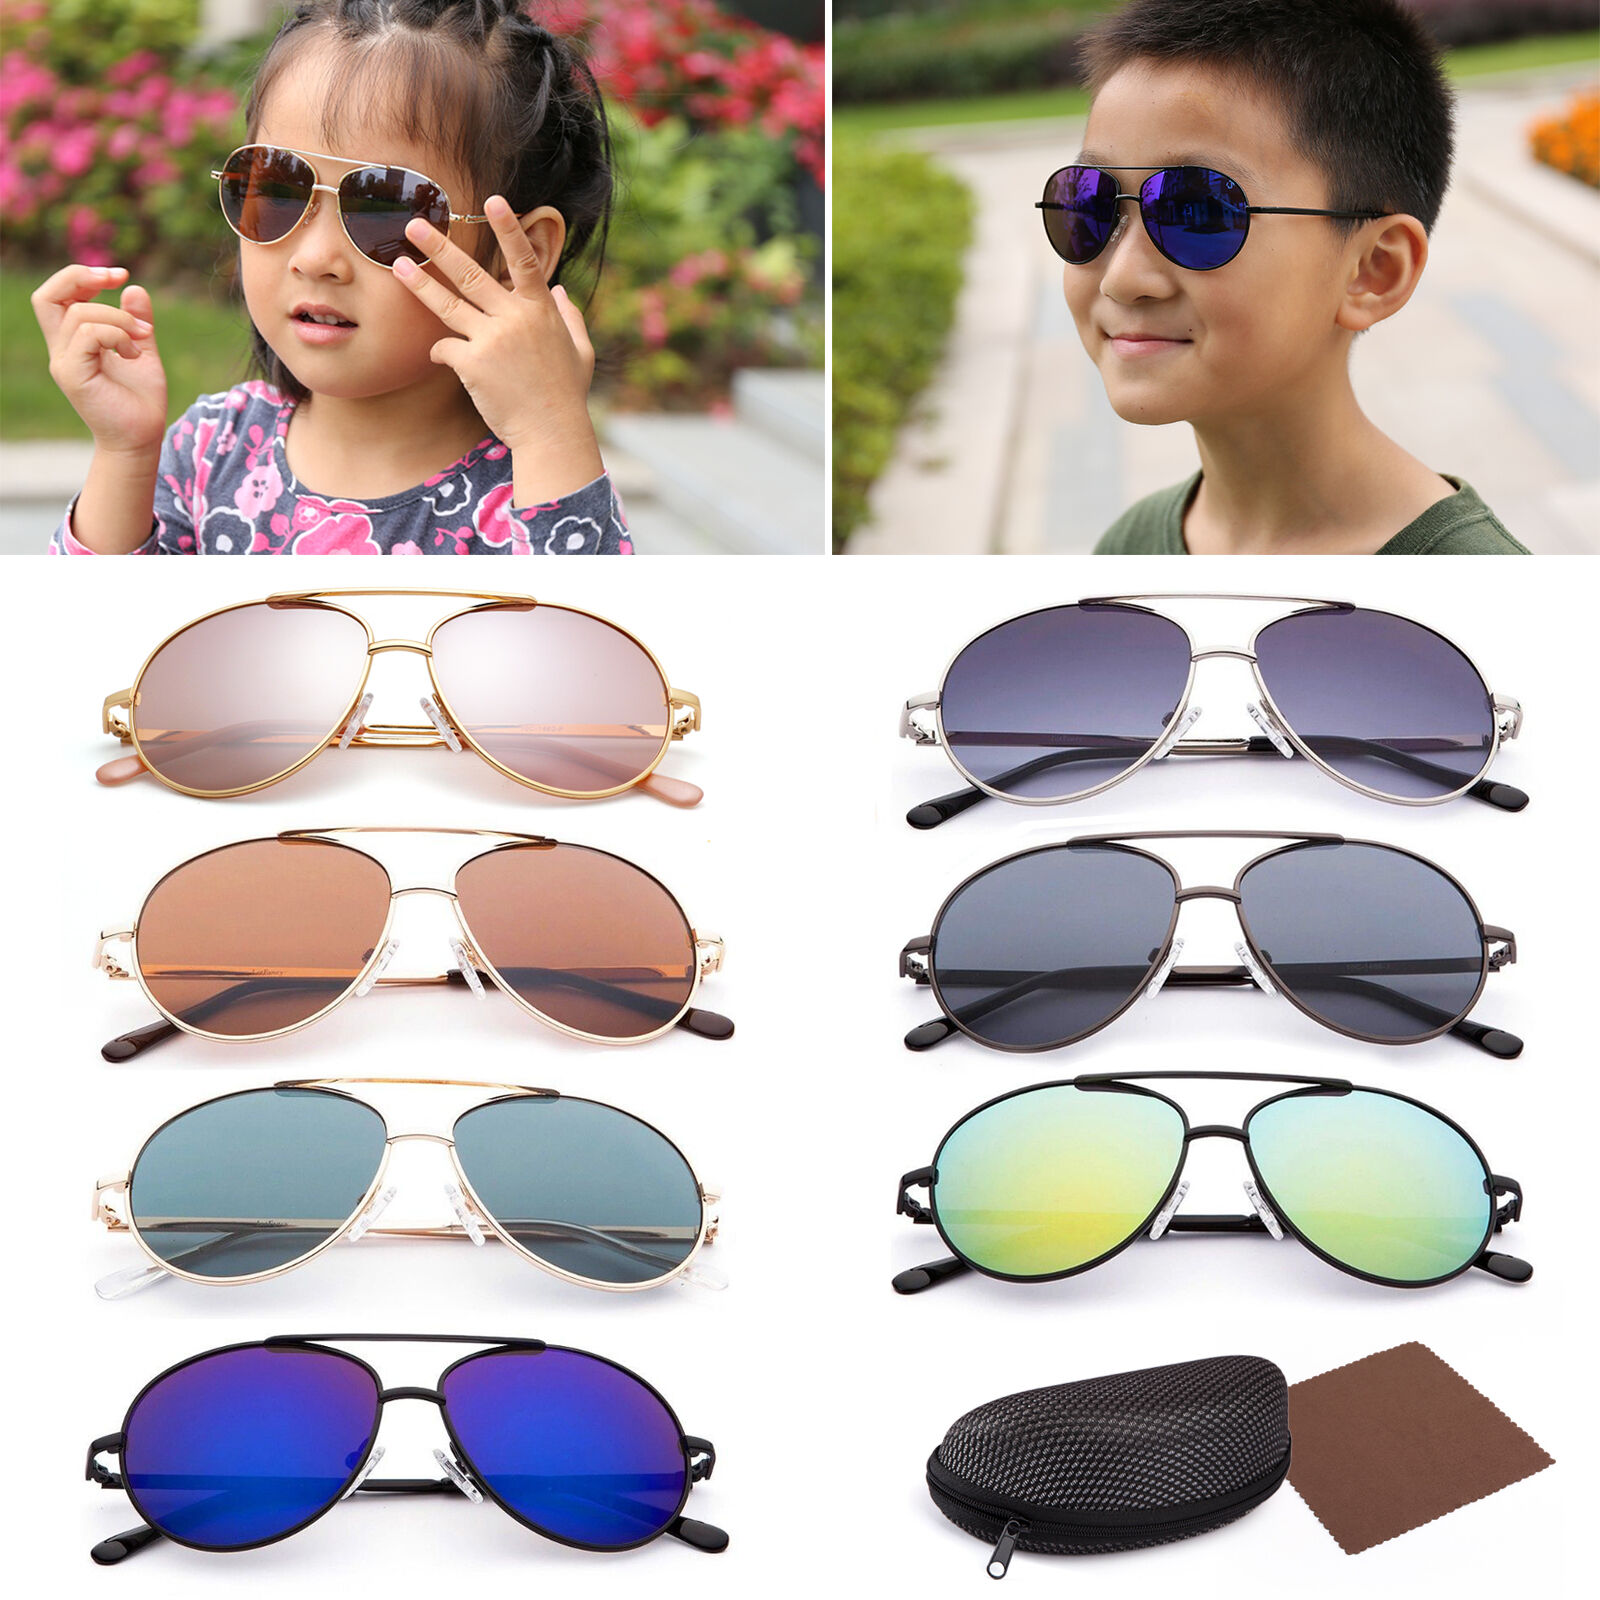 Vintage Aviator Sunglasses For Boys Girls Kids Child Toddler